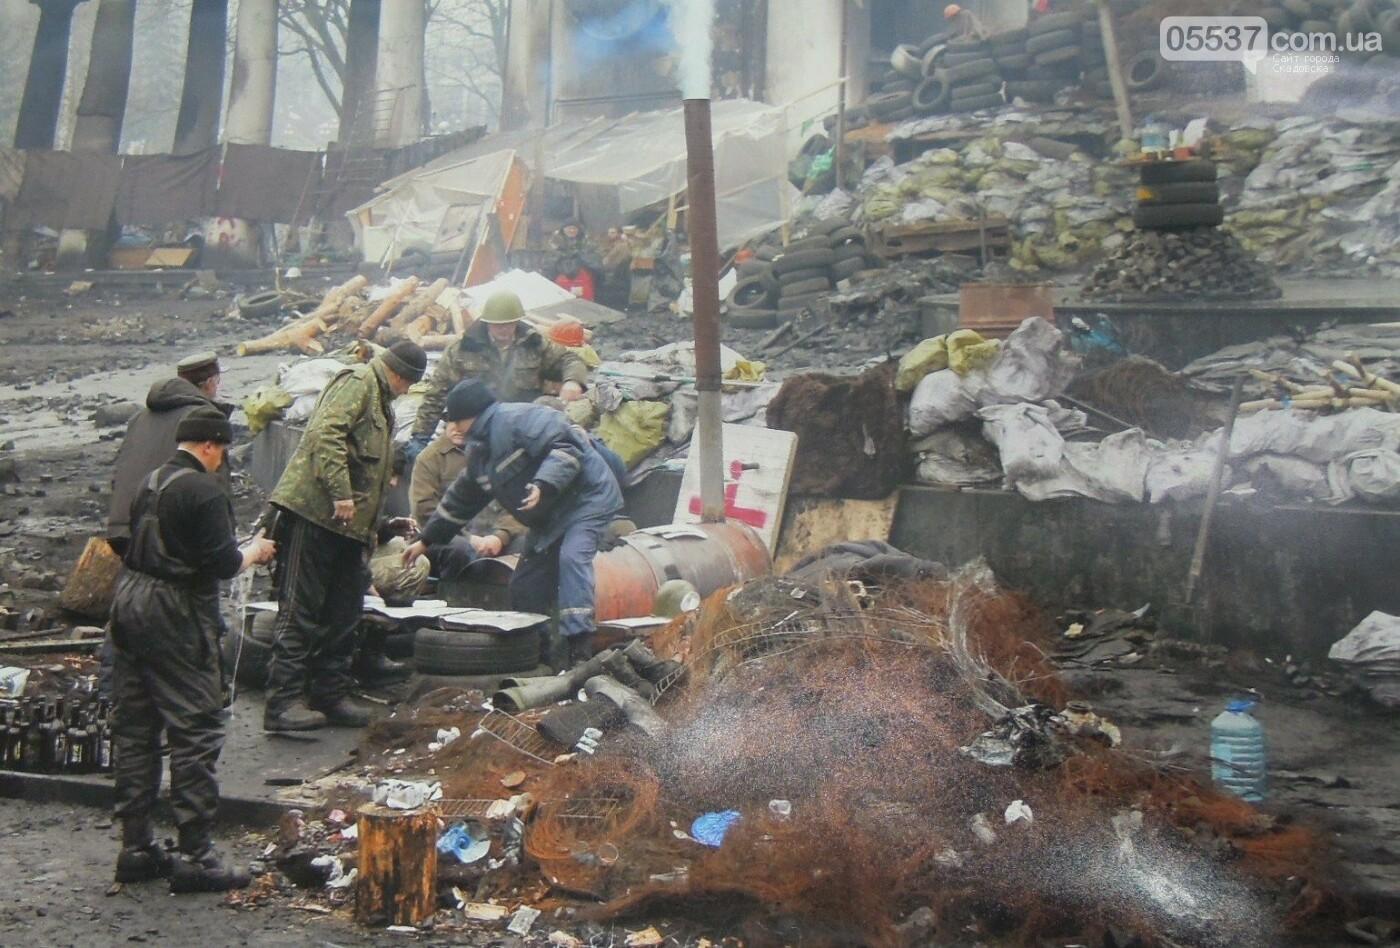 Как скадовчане участвовали в Революции Достоинства (ФОТО), фото-6